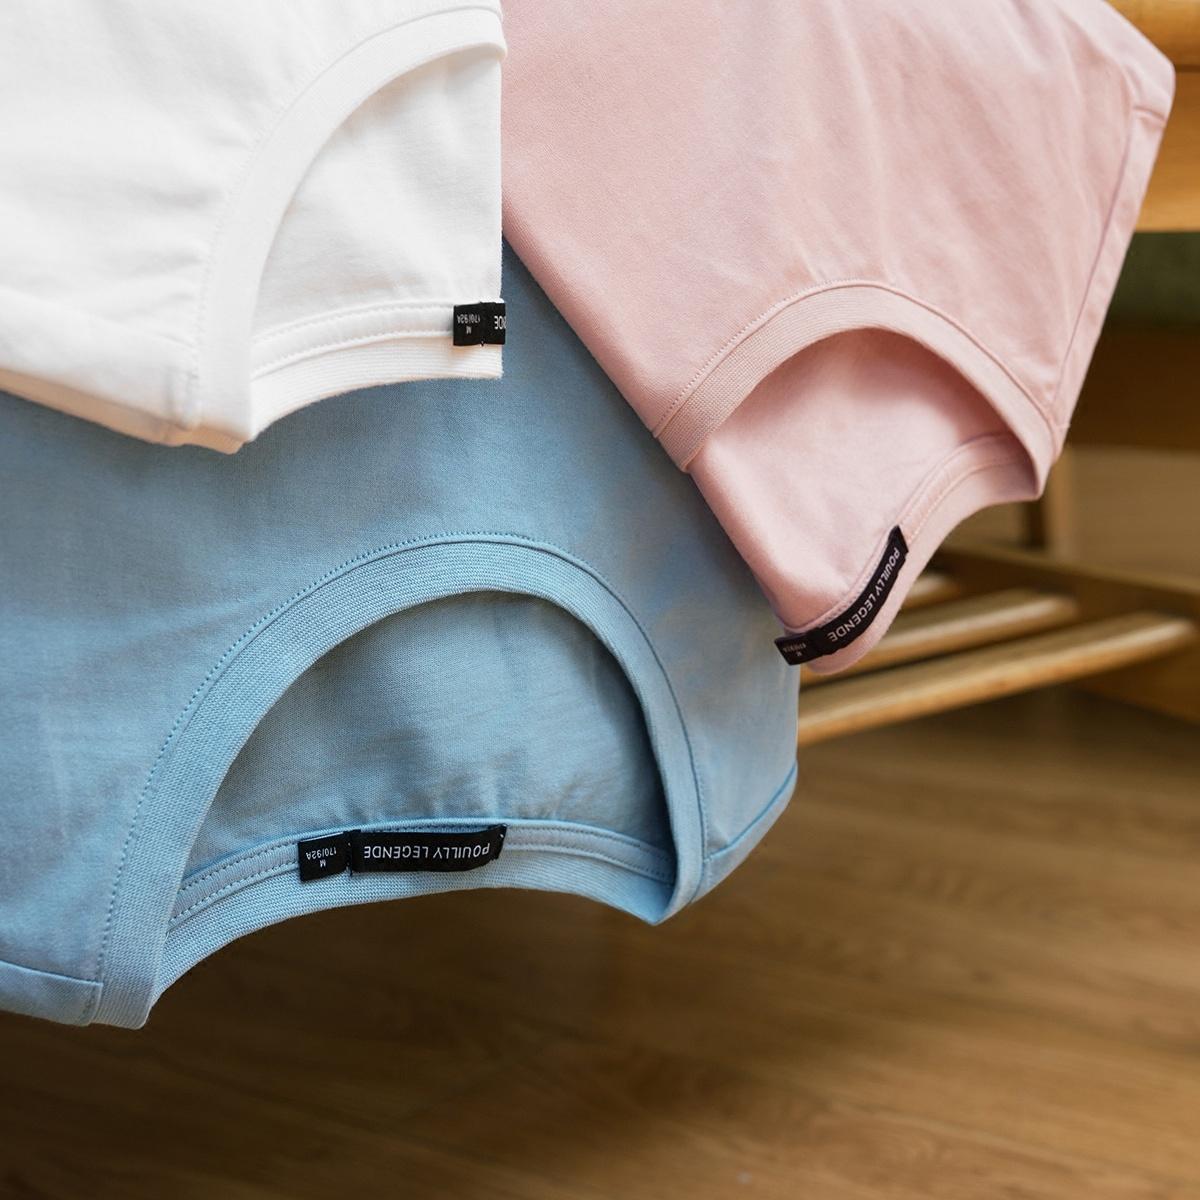 布衣传说50支双股纯棉纯色男士短袖t恤潮流韩版情侣装半袖体恤衫